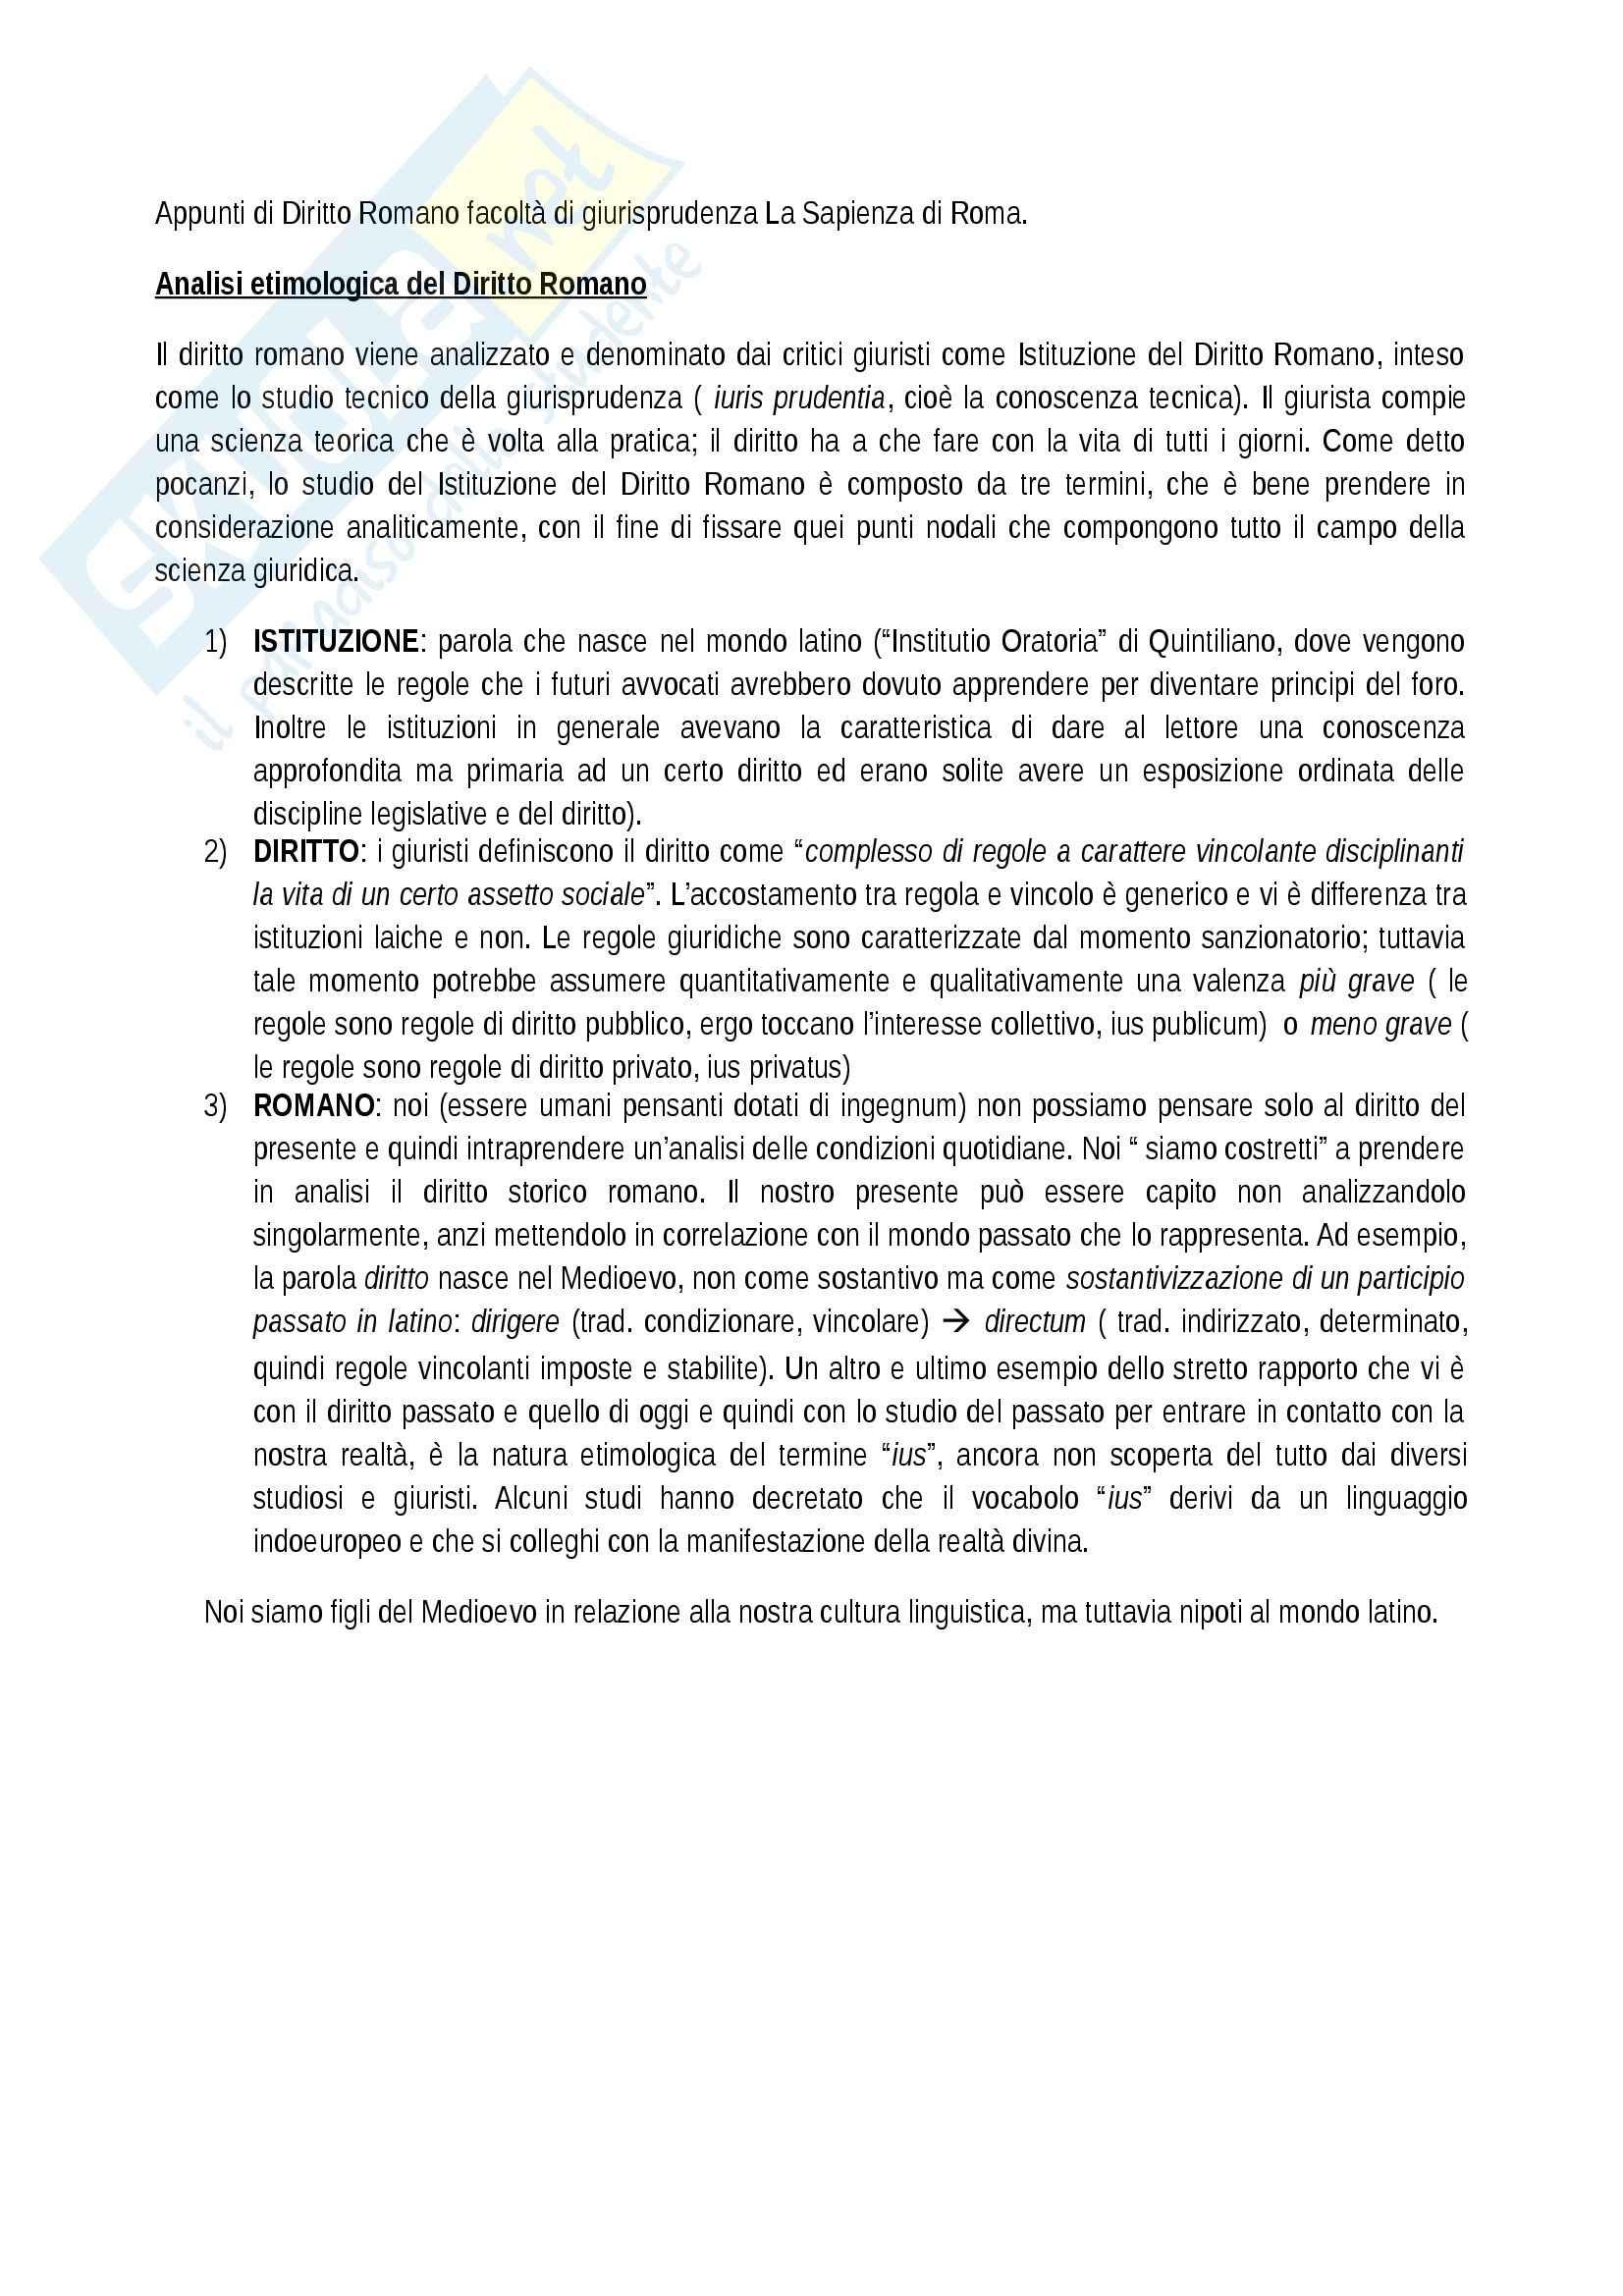 Etimologia del Diritto Romano